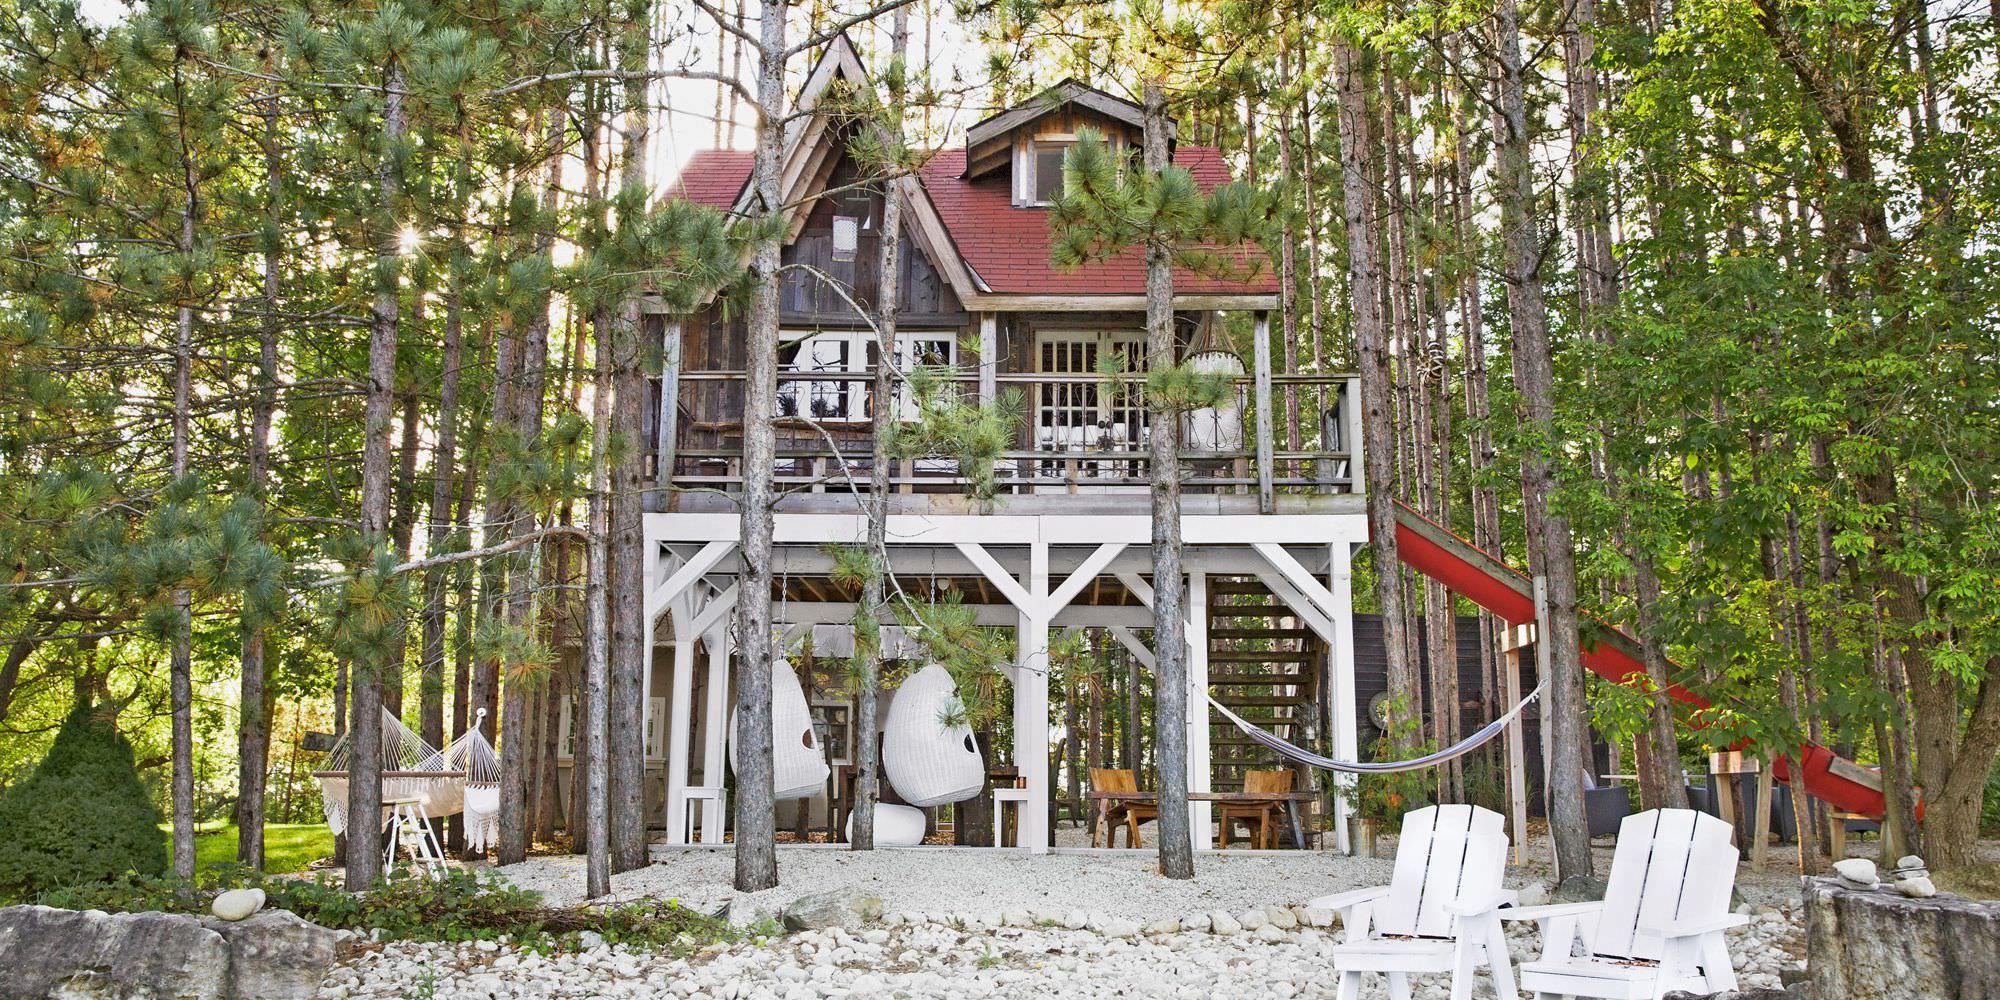 21 DIY Tiny House Plans [Blueprints] | House on stilts, Tiny house ...